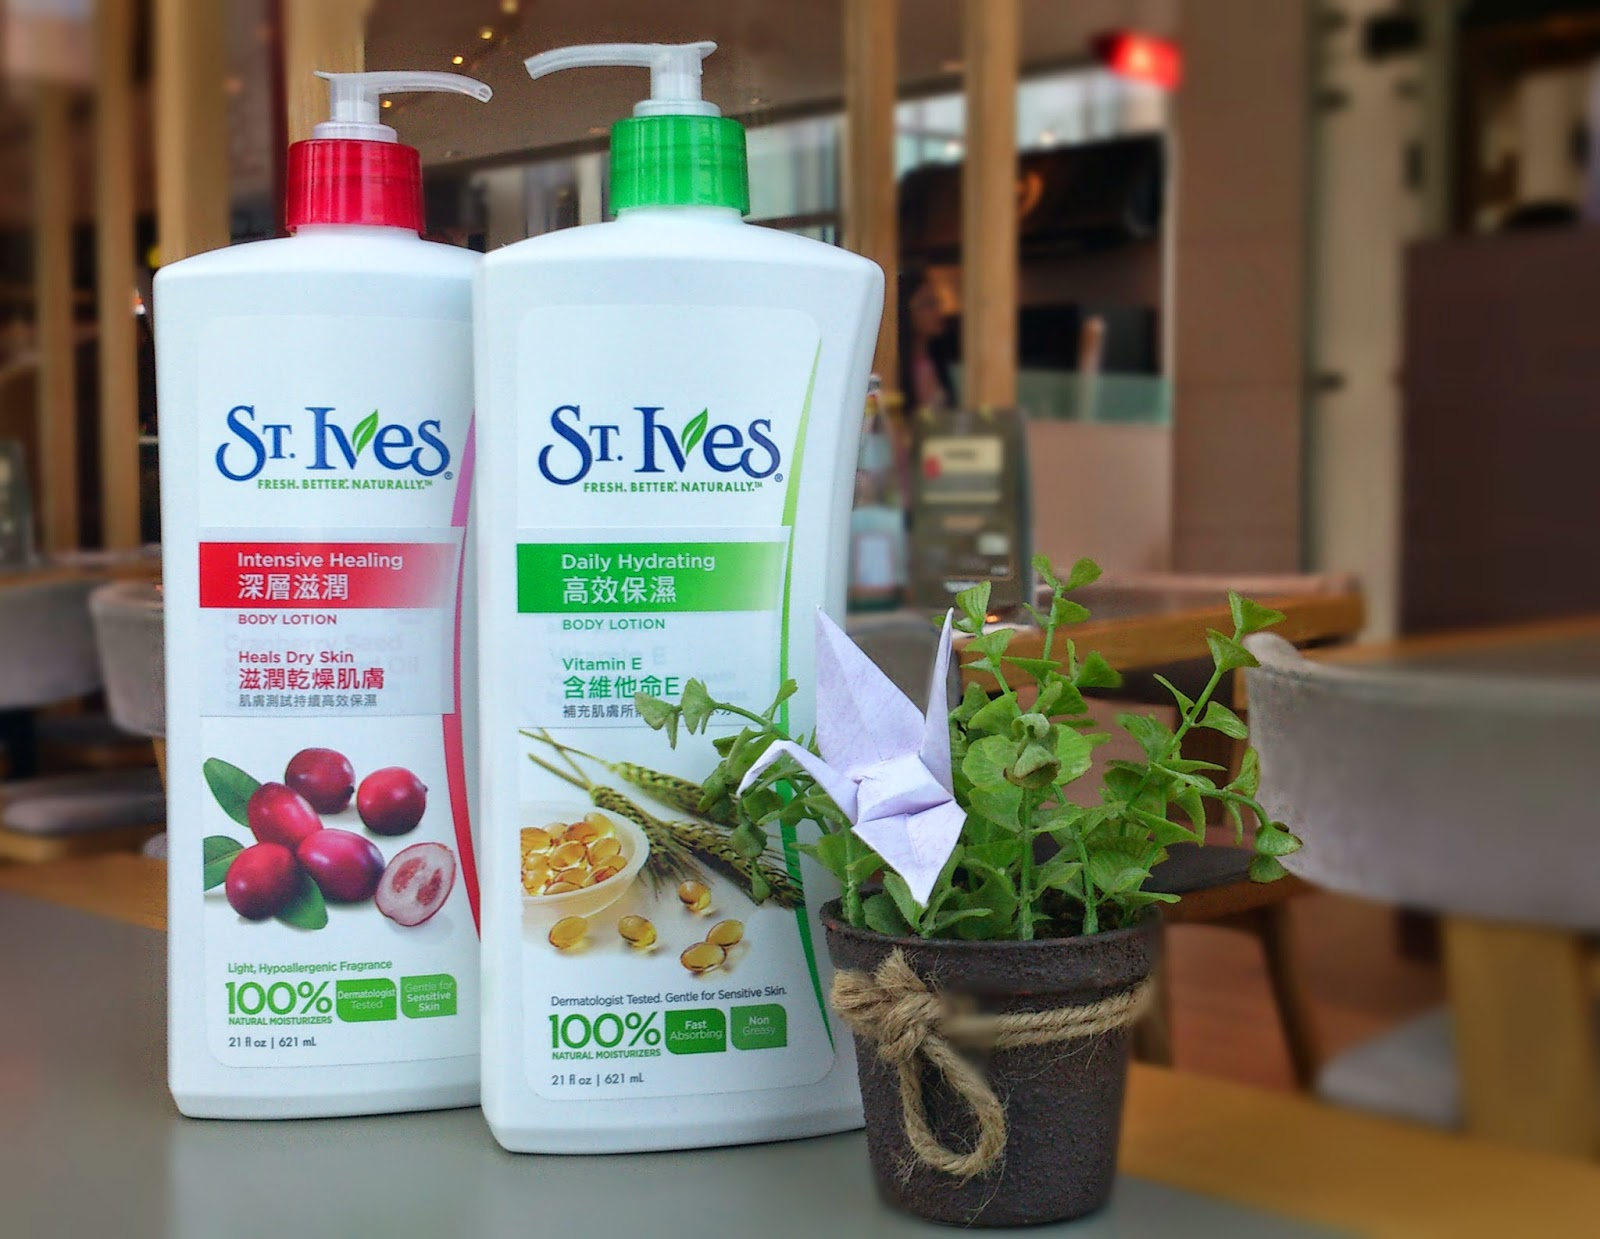 >> 夏季用的潤膚露*聖艾芙 St. Ives 潤膚露系列(維他命E+高效保濕)